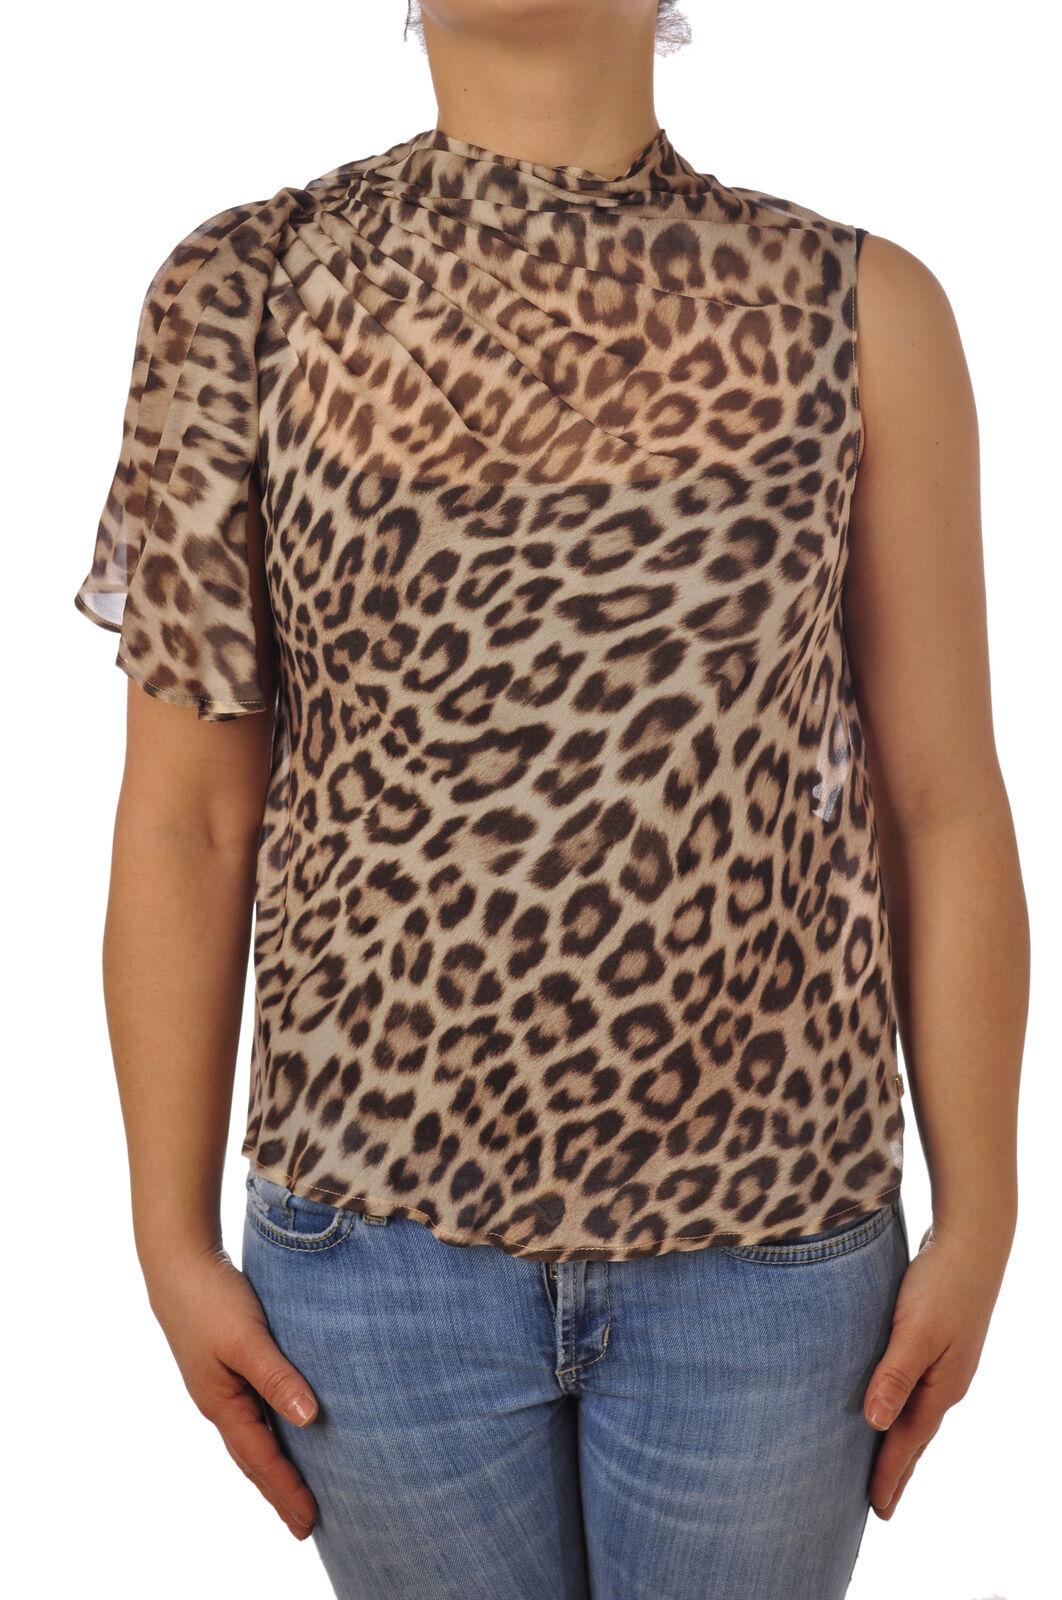 Twin Set - Shirts-Blouses - Woman - Fantasy - 5108529L184140